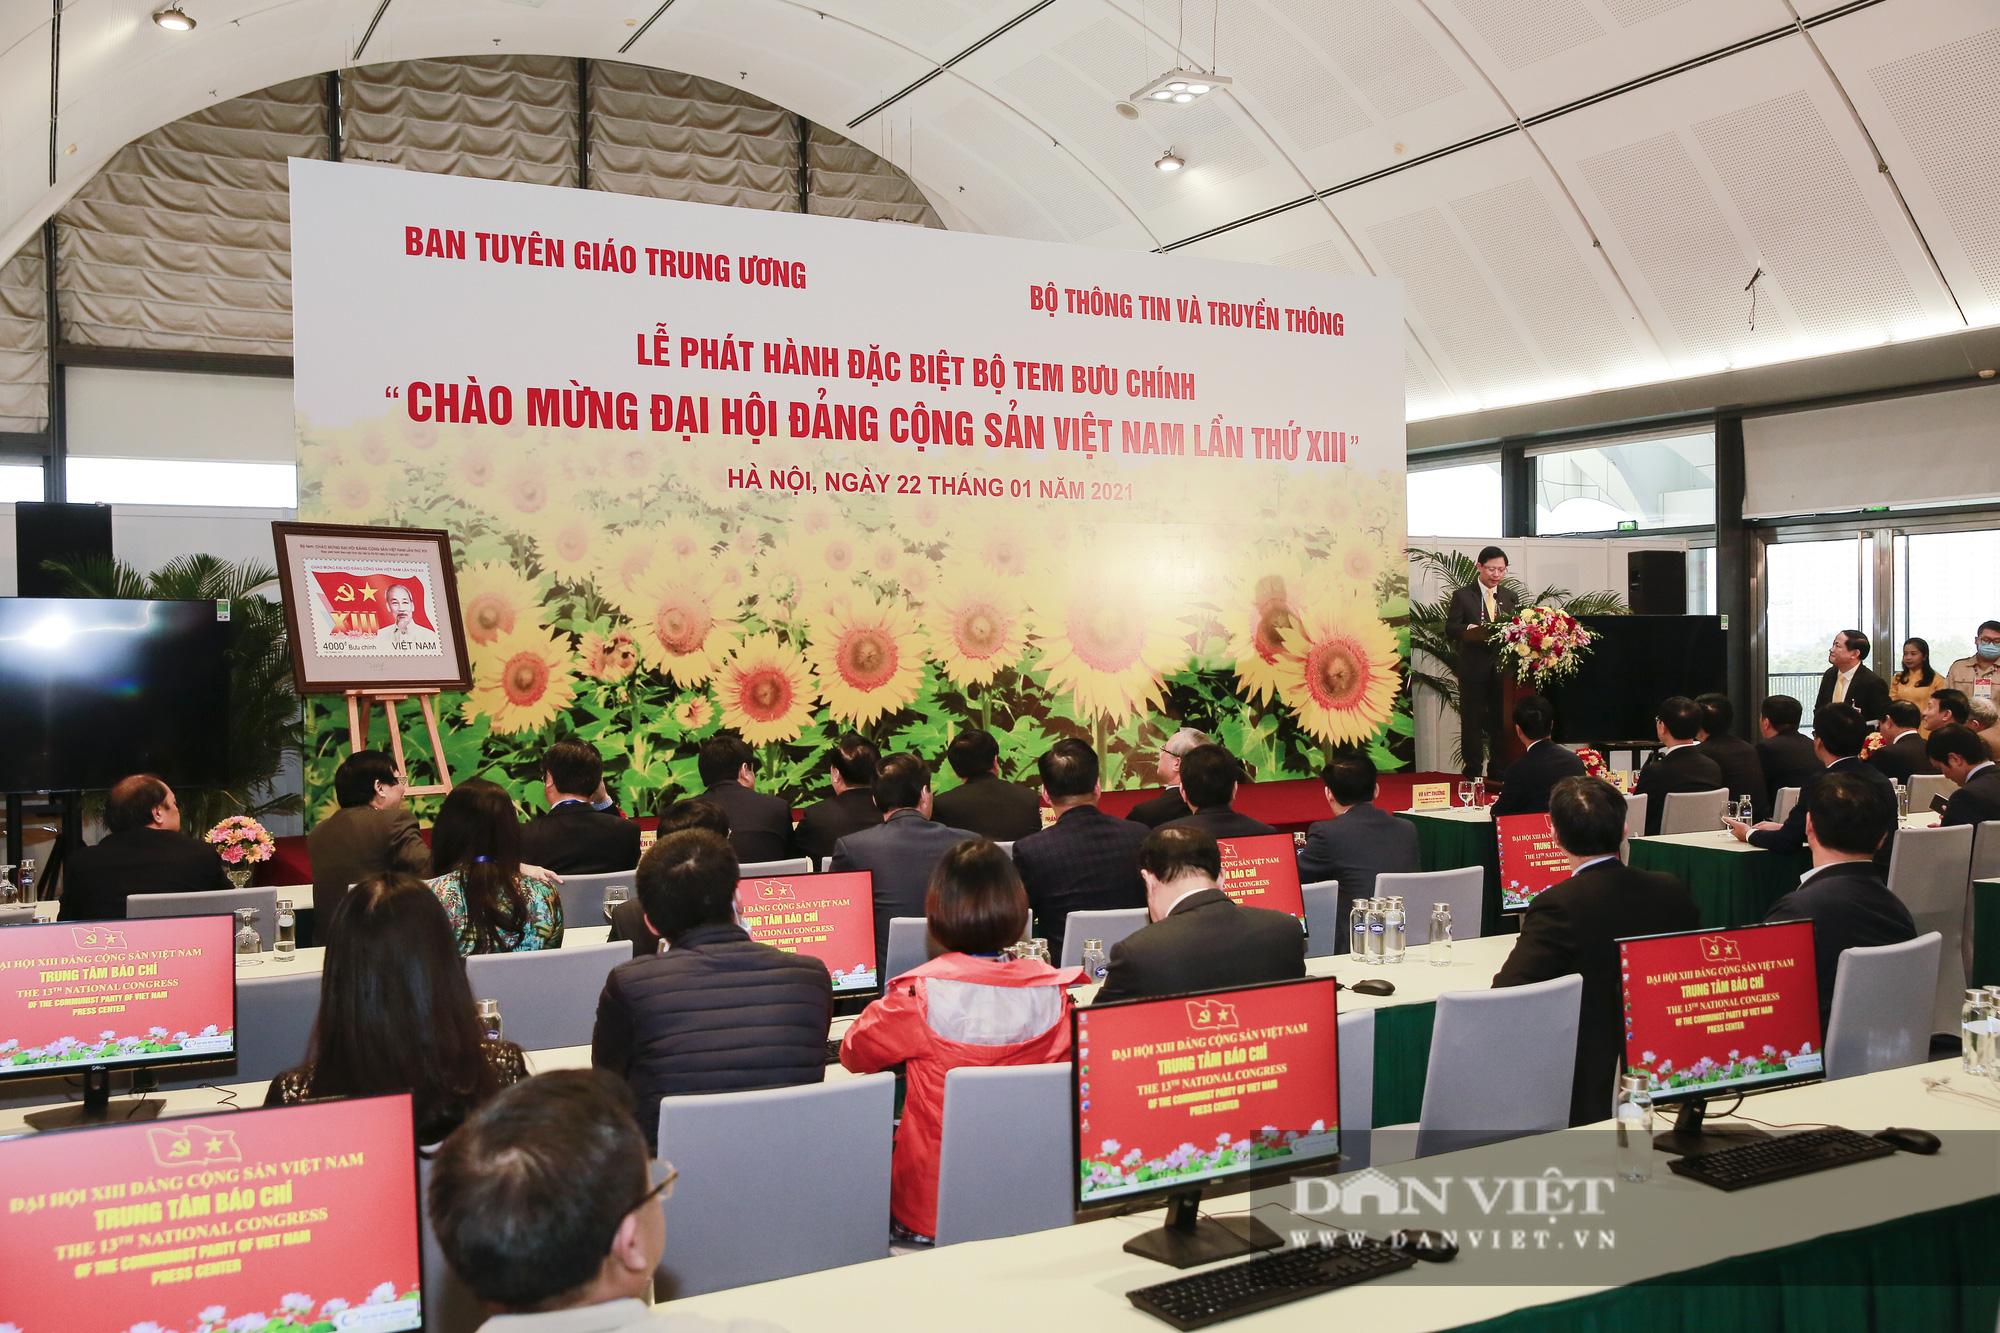 Chính thức phát hành bộ tem bưu chính đặc biệt chào mừng Đại hội Đảng XIII - Ảnh 3.